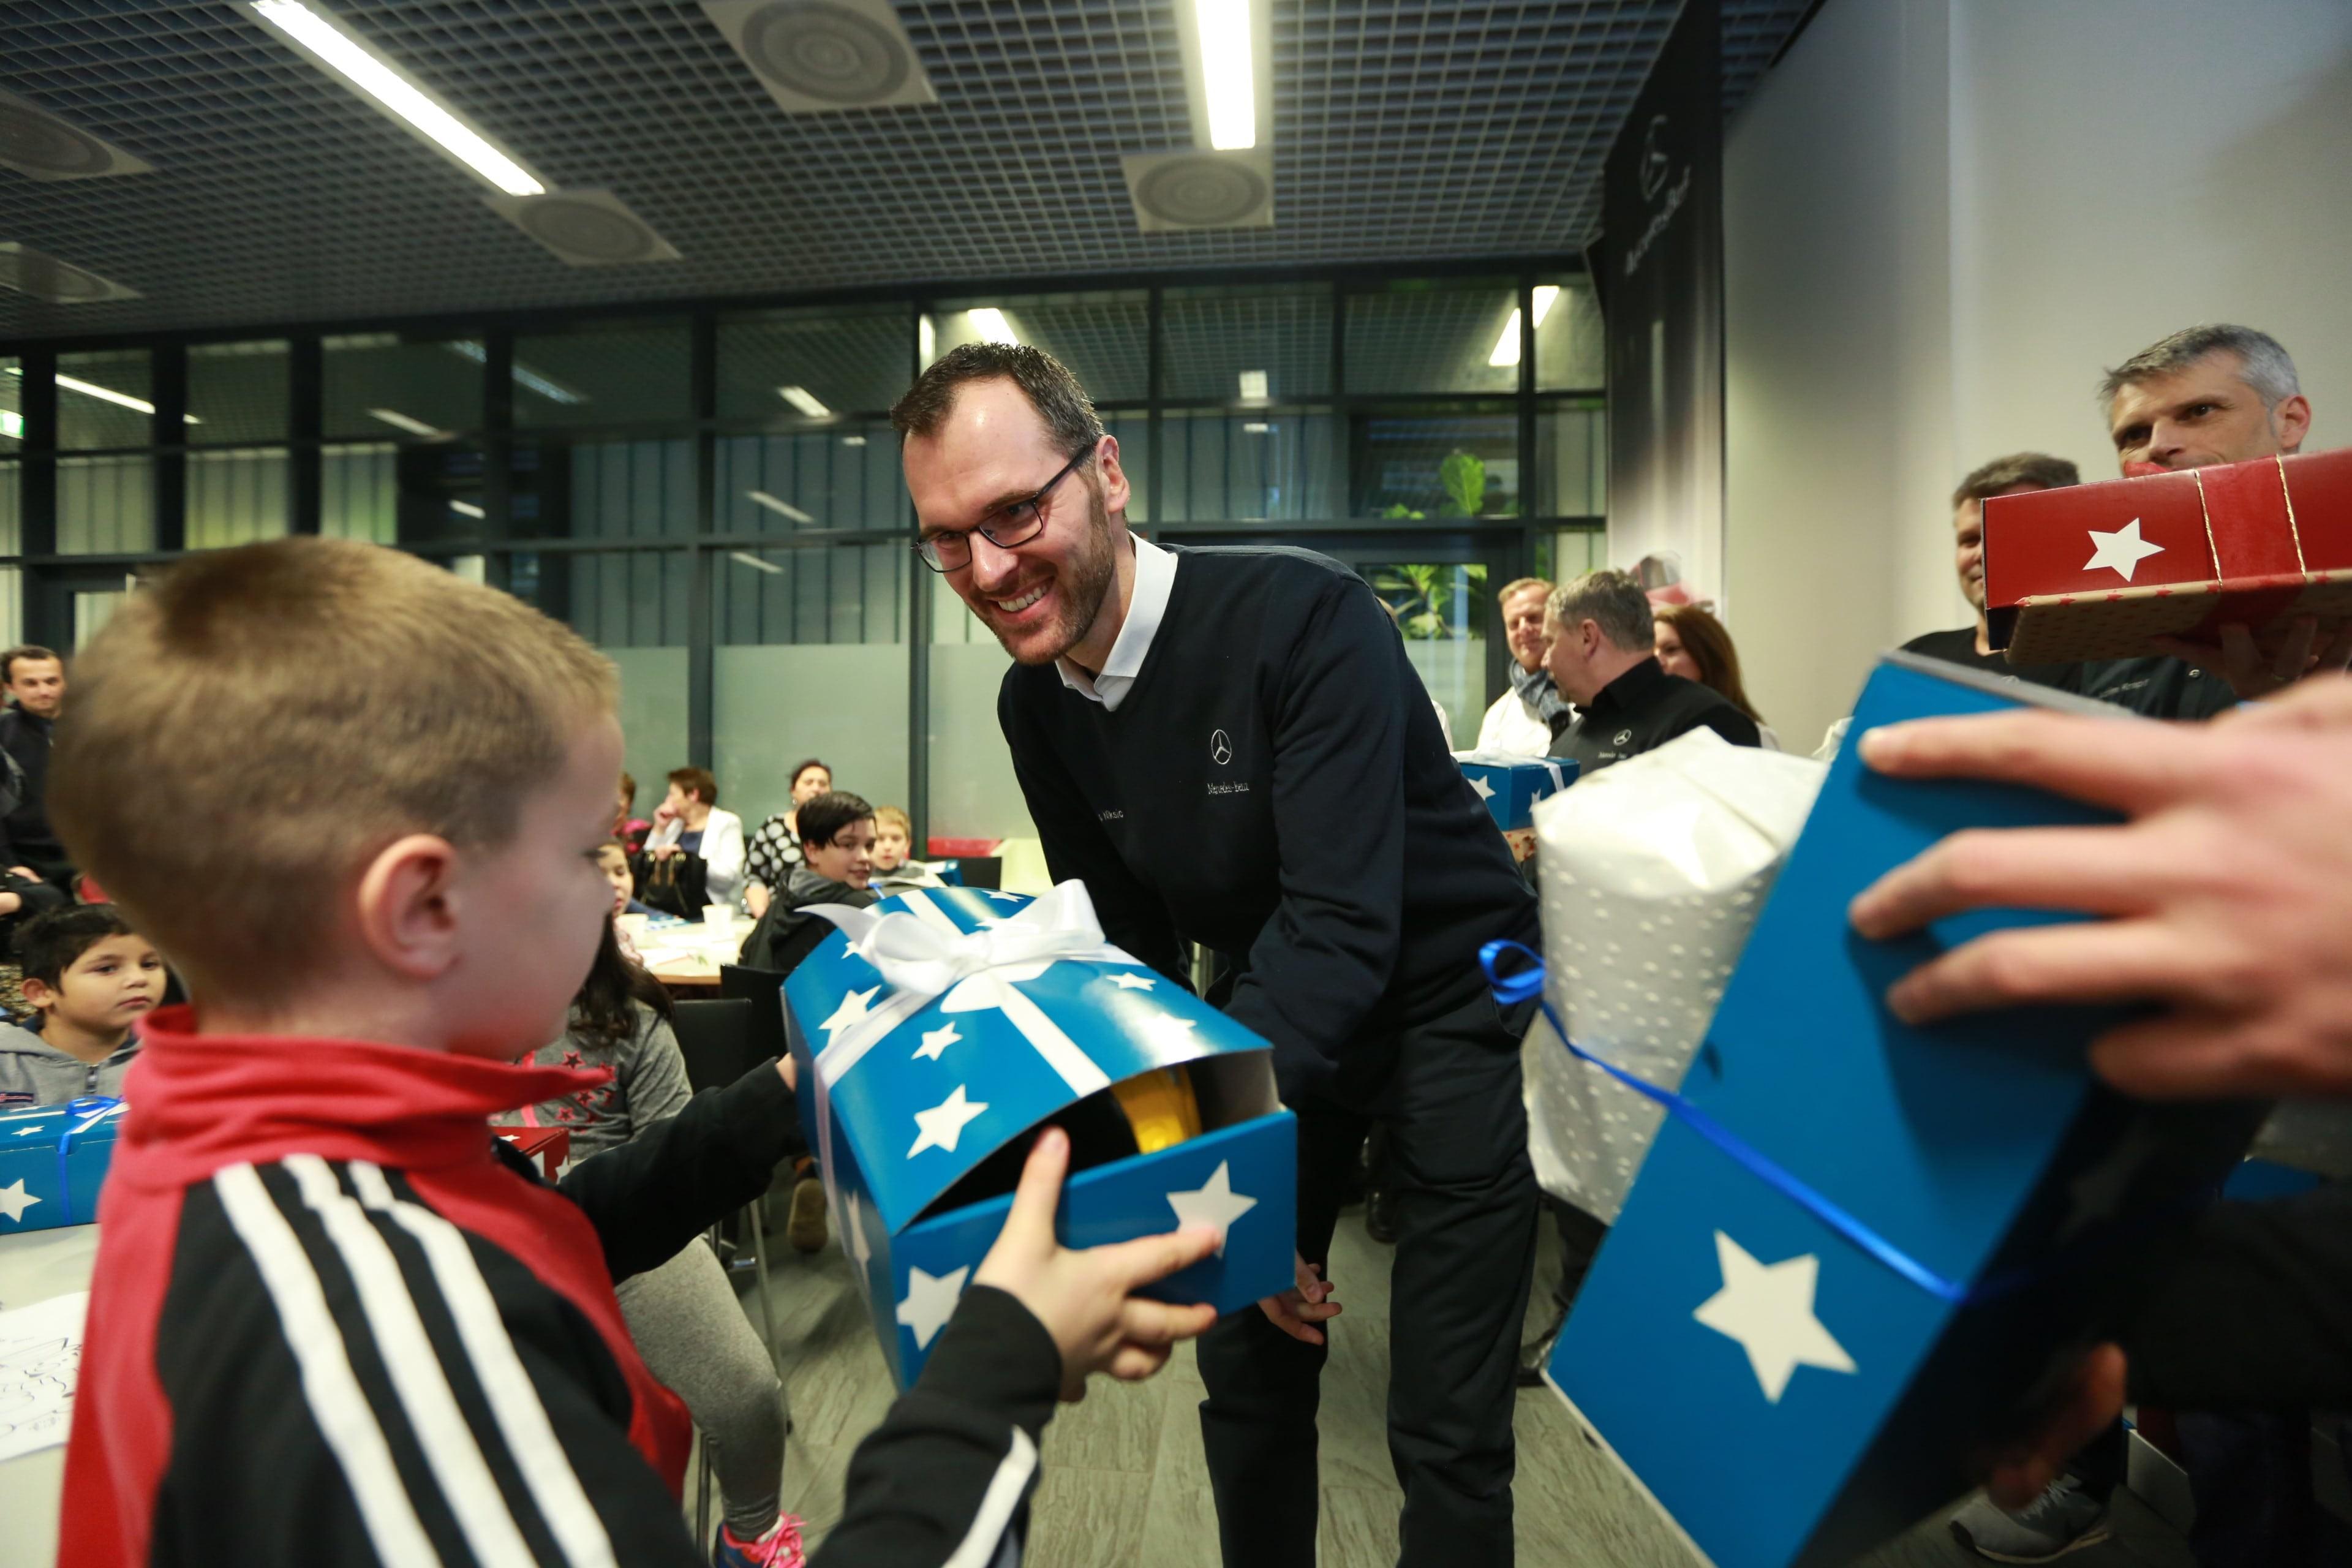 Harmadik alkalommal szervezett karácsonyi adománygyűjtést a kecskeméti Mercedes-Benz gyár